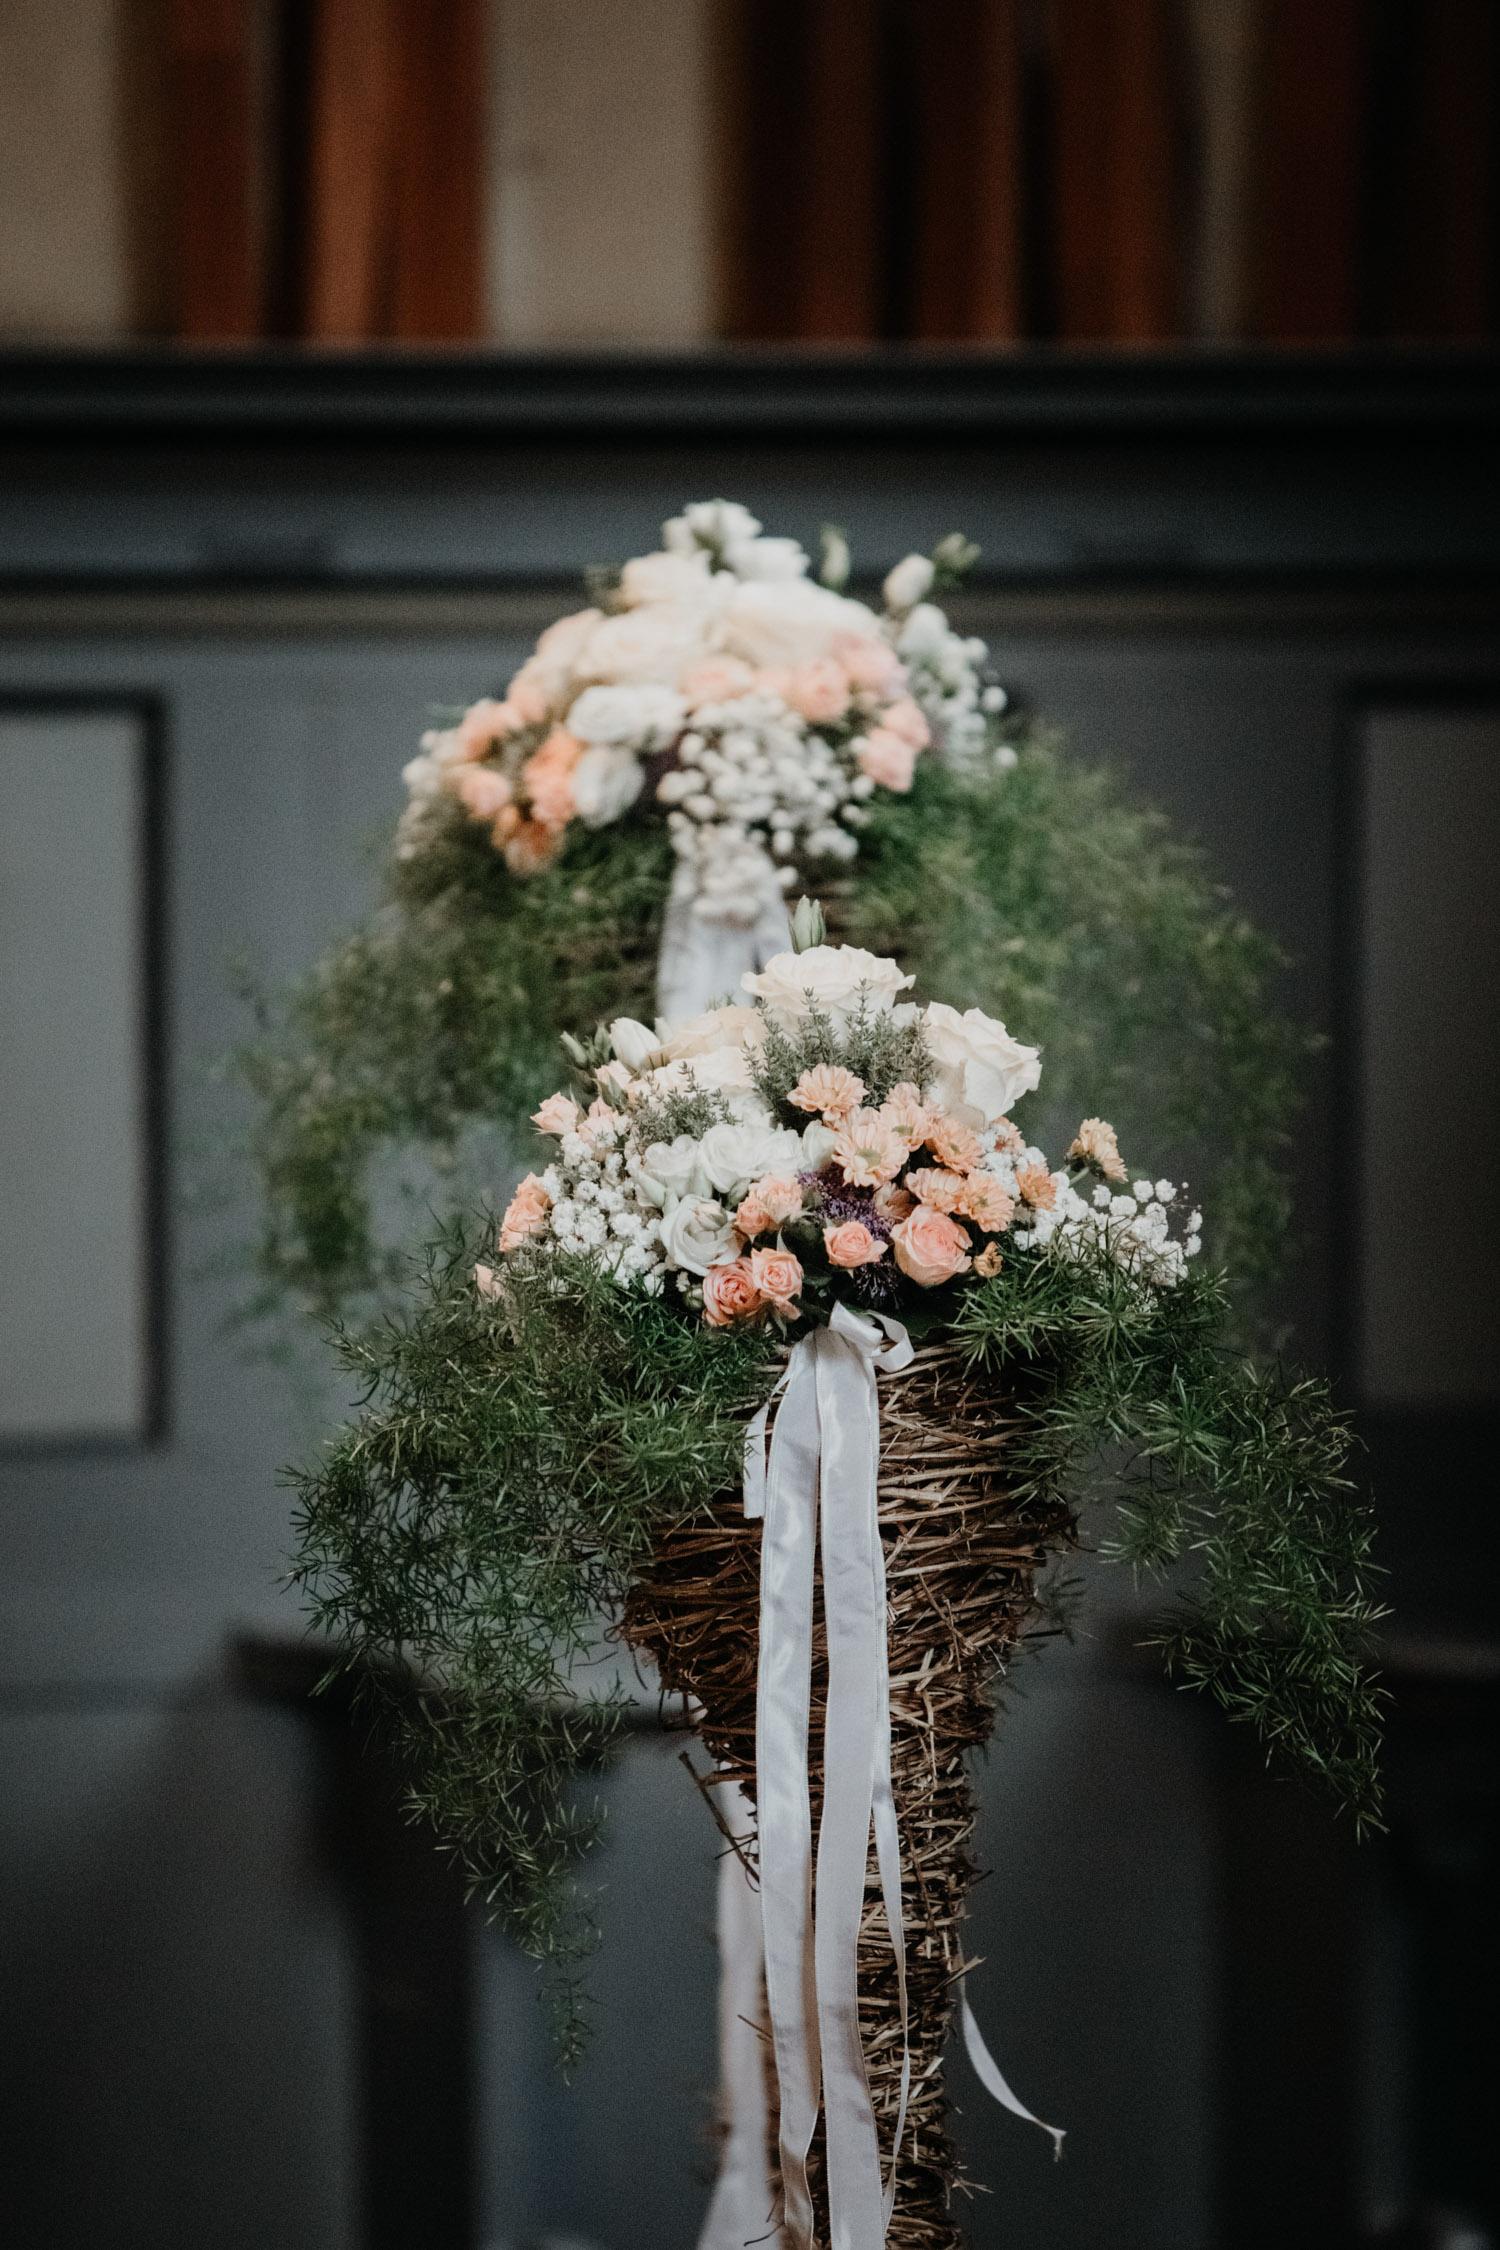 Hochzeitsfotografin Bern Schweiz Interlaken kirchliche Trauung Blumenschmuck Dekoration Details